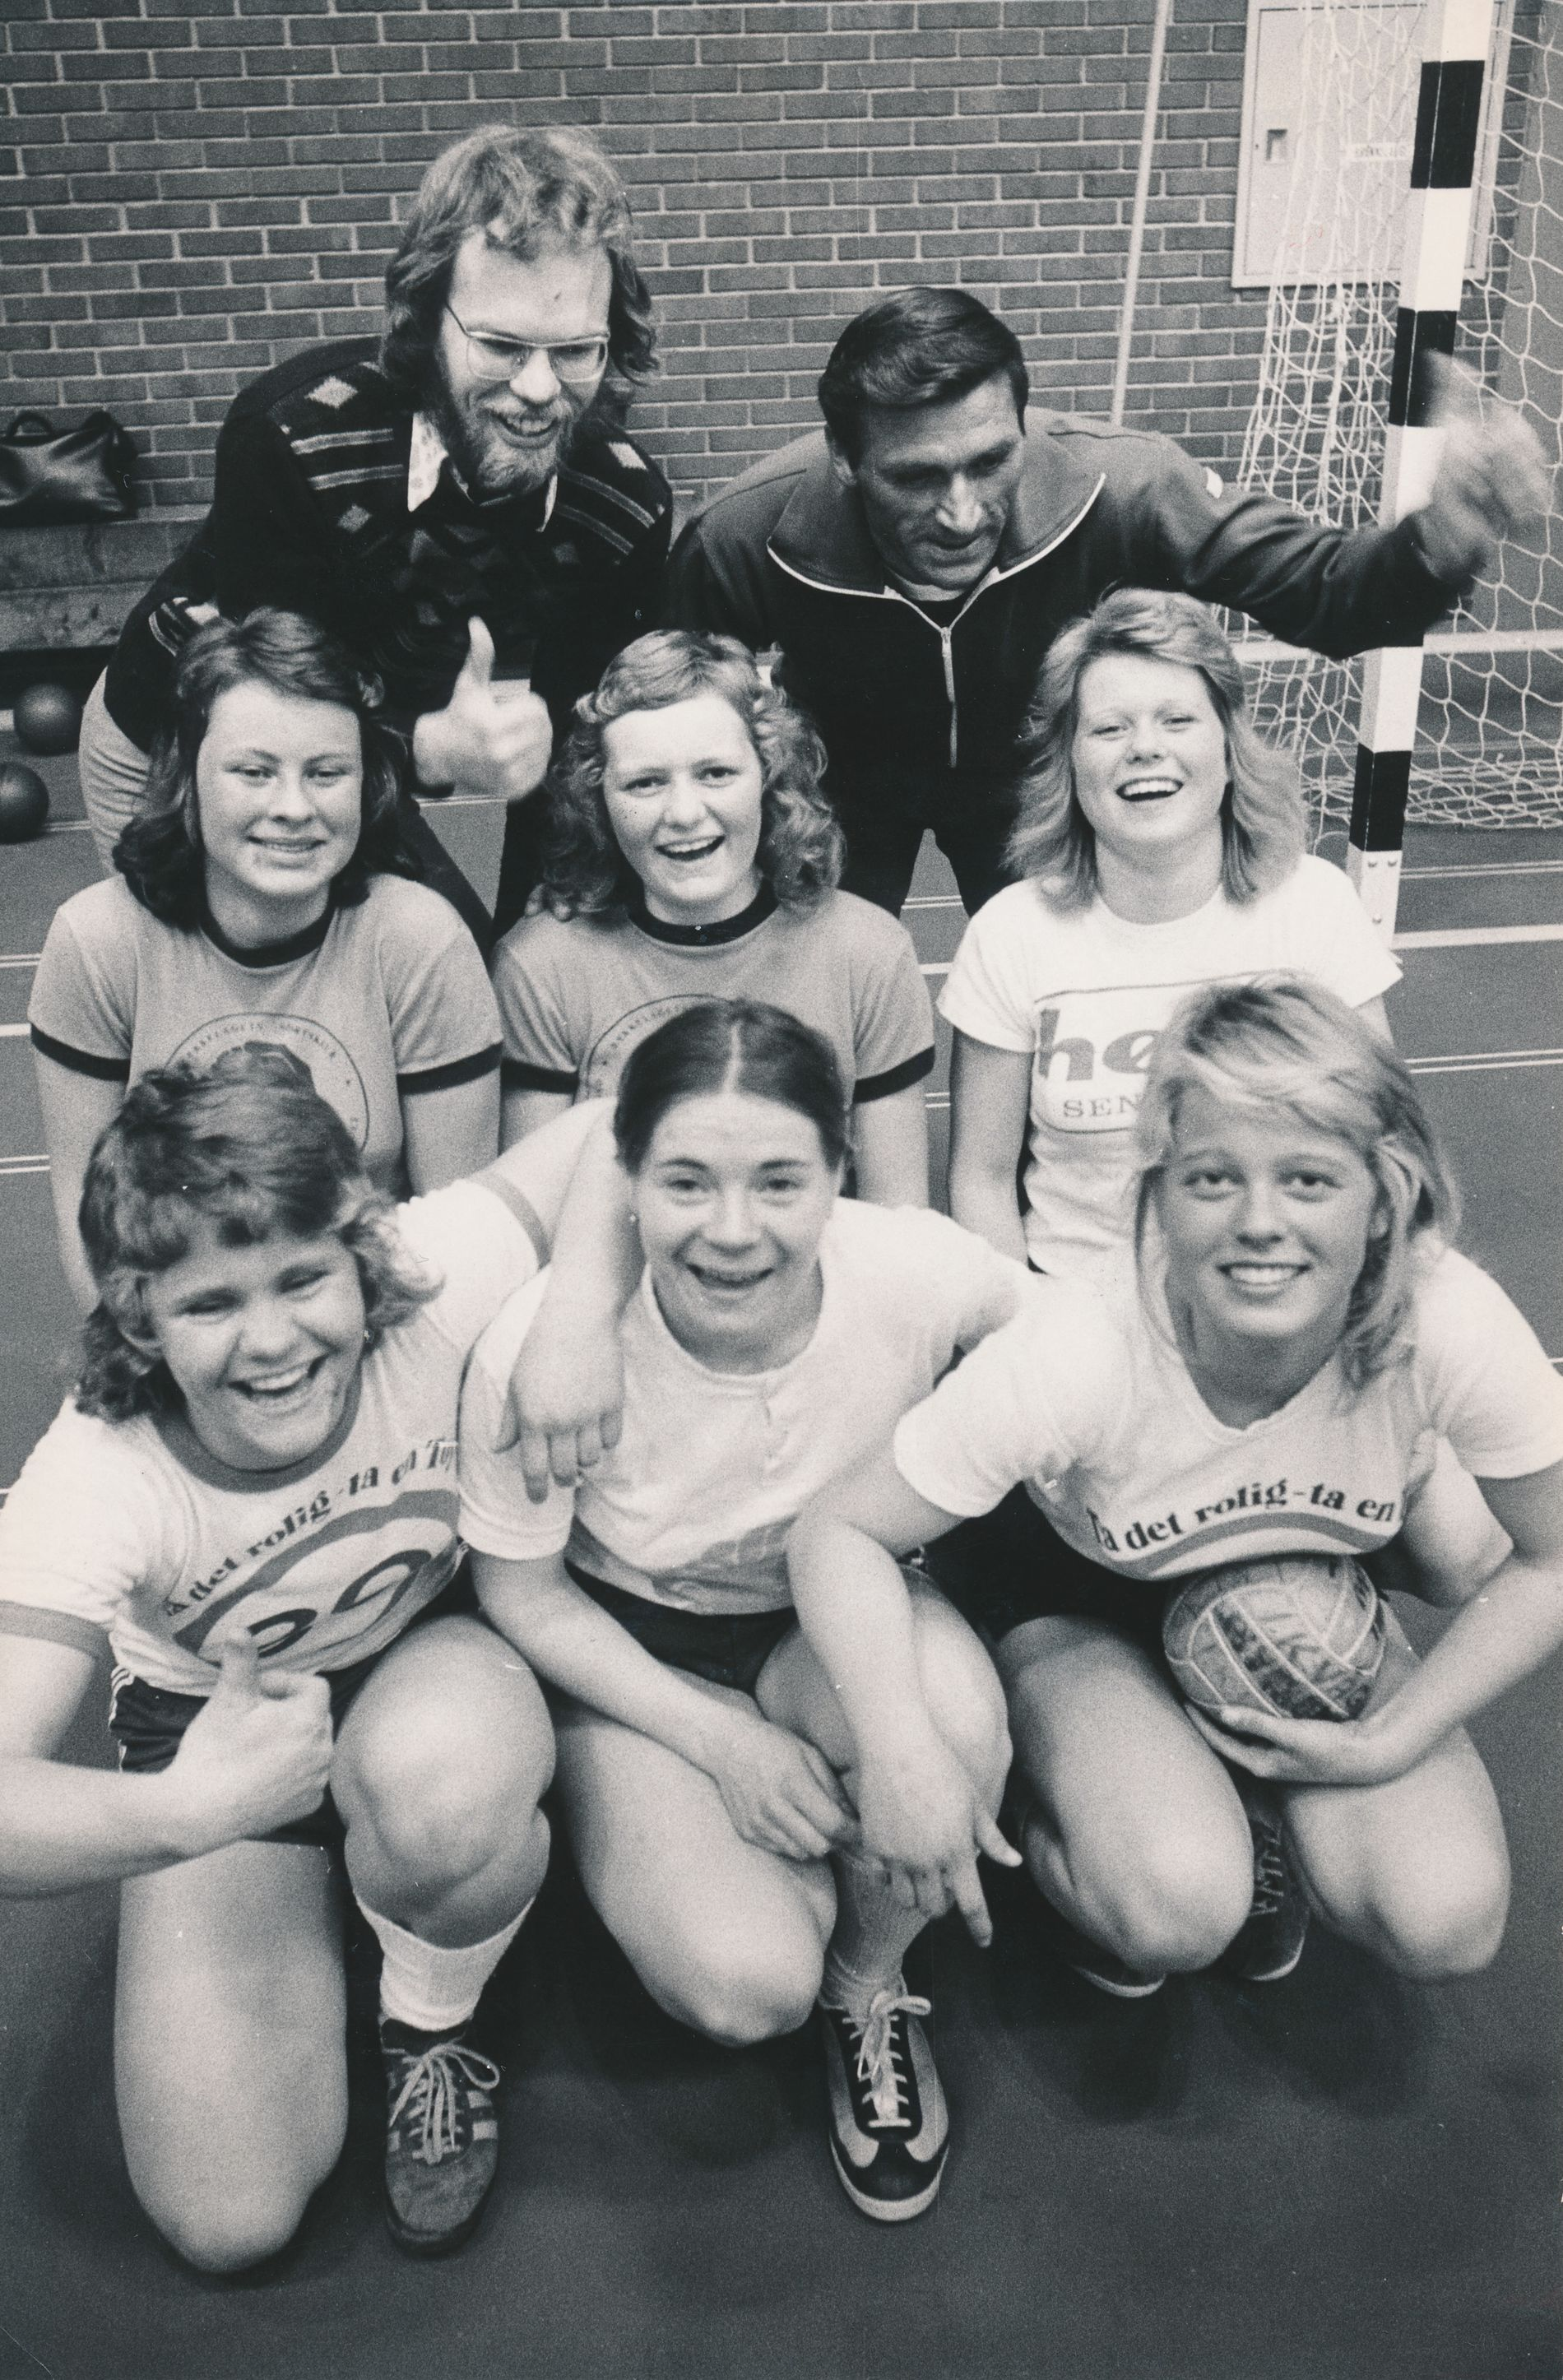 Det første Våg-laget som deltok i serien jubler etter at opprykket til 3. divisjon er klart i april 1975. F.v. Ragnhild Aas, Torhild Gurandsrud og Ingebjørg Bjørnå. Bak: Else Bergstøl, Rita Ingebrethsen og Hilde Andersen. Trenerne Gunnar Thunestvedt (v.) og Odd Løland står bakerst. Hilde Kvammen, Åse Storberget, Kirsten Jahnsen, Anne Bert Lund og Torbjørg Træland spilte også på laget. Samtlige spillere, med ett unntak, var 16 år gamle.